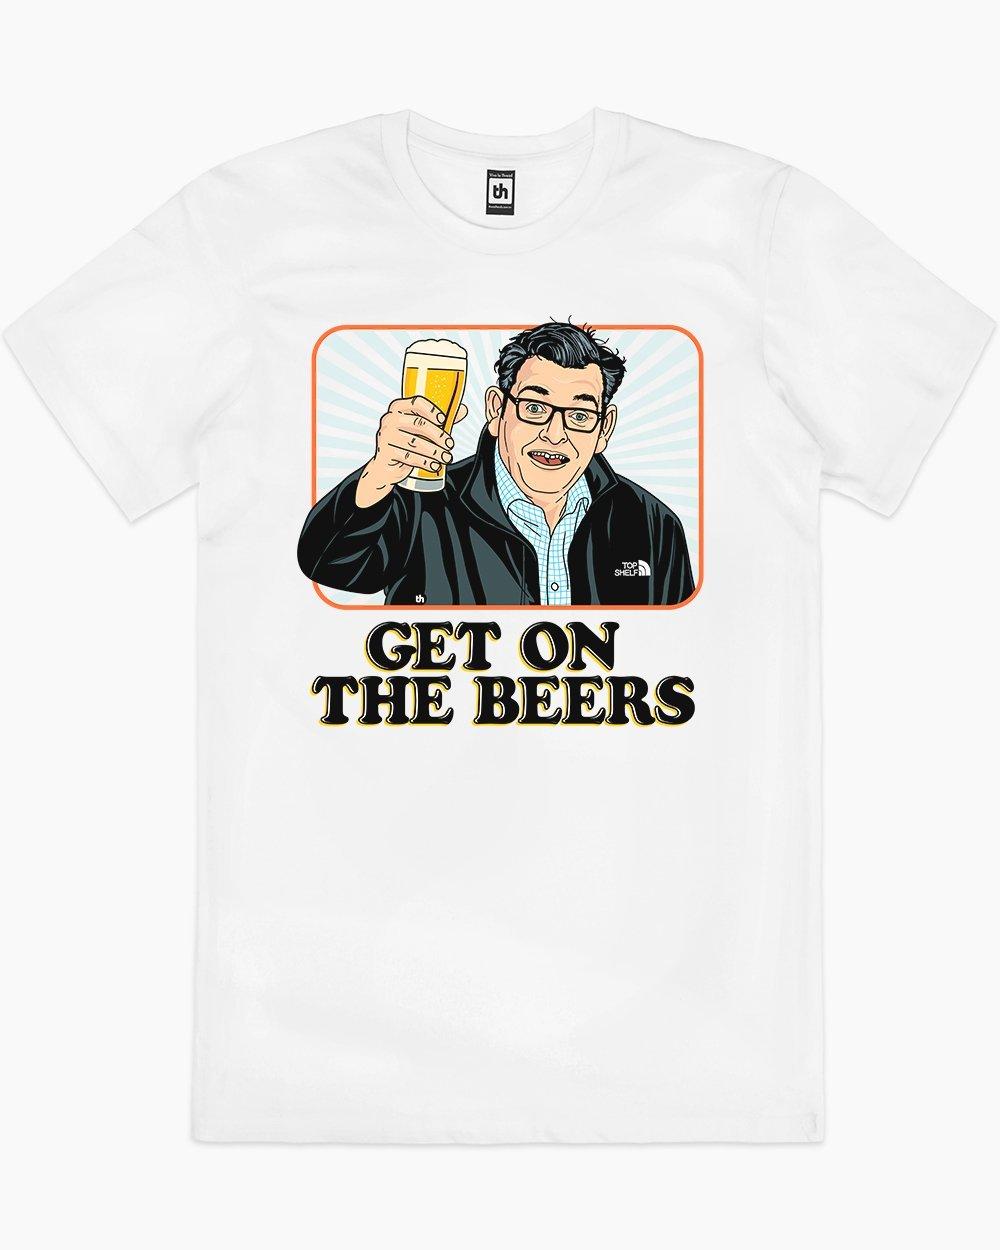 white-get-on-the-beers-mens-tshirt_fb101fc9-572c-4fe9-b2ec-490f4ab5559e_1800x1800